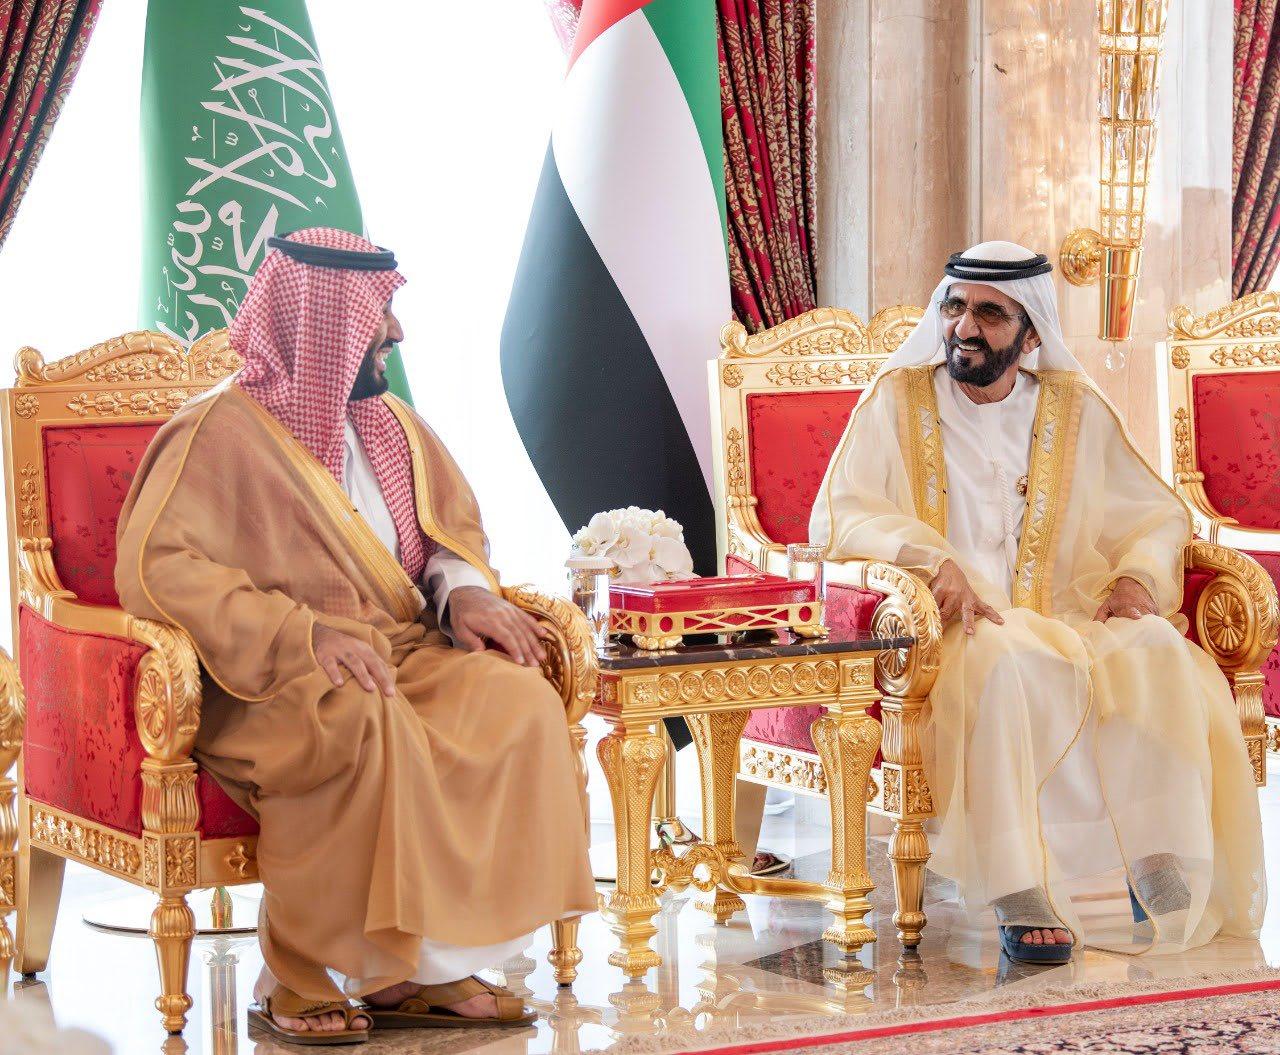 الشيخ محمد بن راشد حاكم دبي يستقبل ولي العهد السعودي محمد بن سلمان